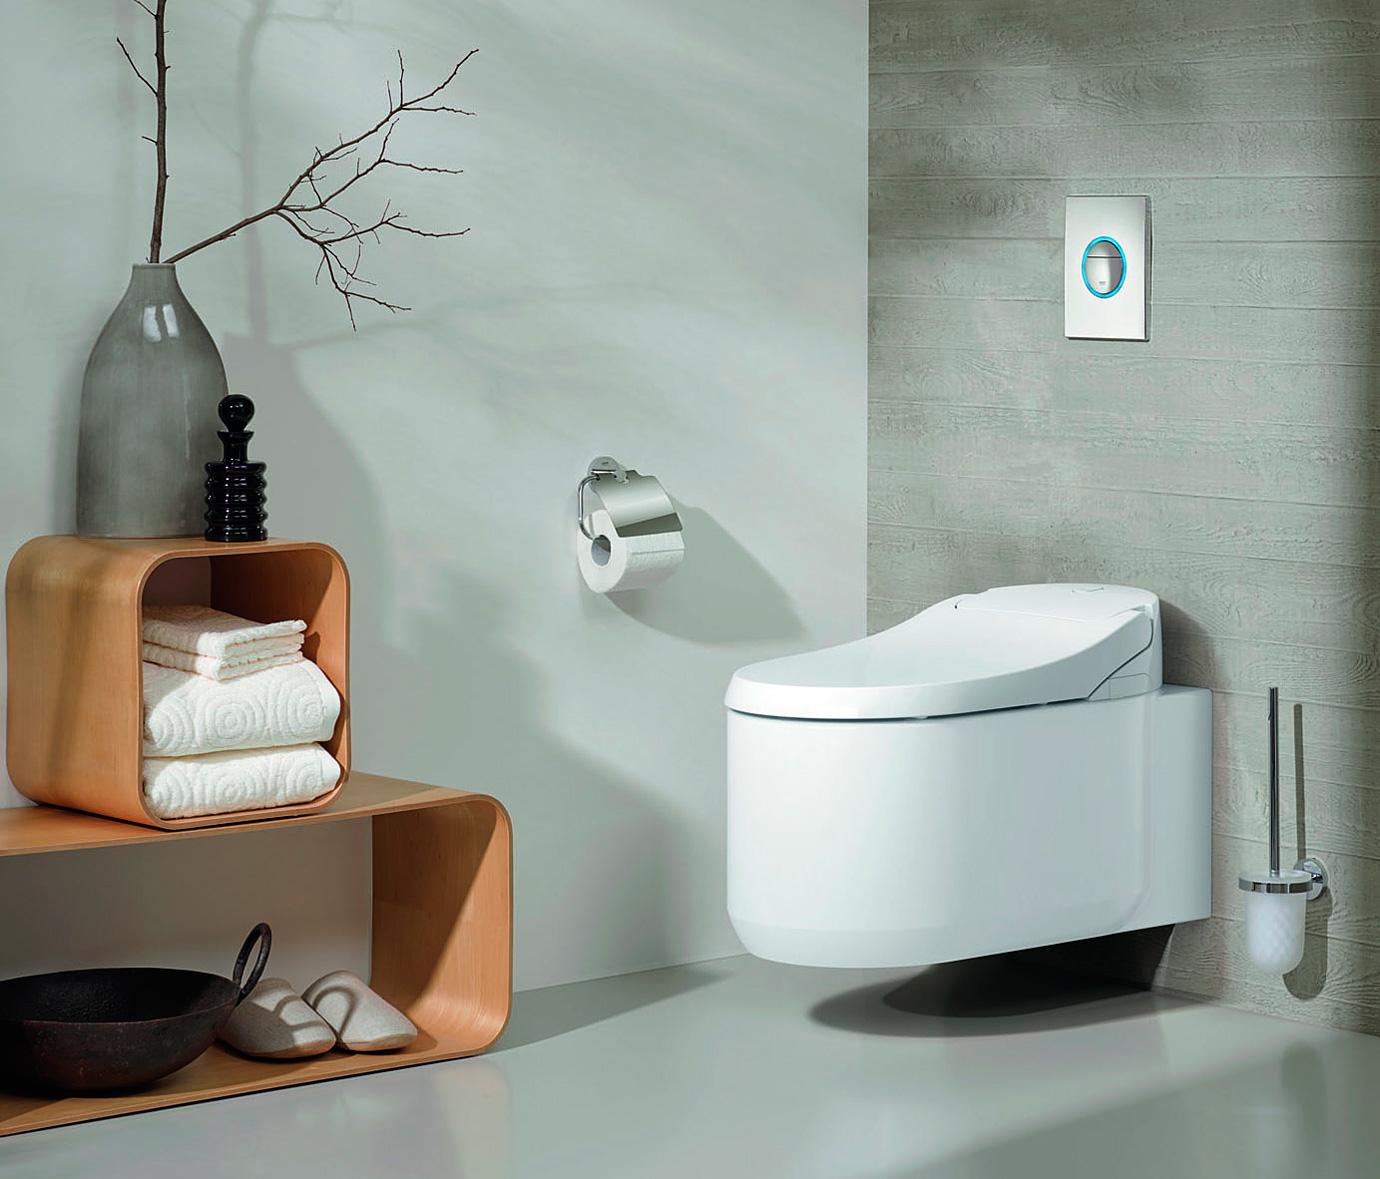 Grohe sensia arena un nuevo concepto de higiene en el ba o for Showroom grohe barcelona